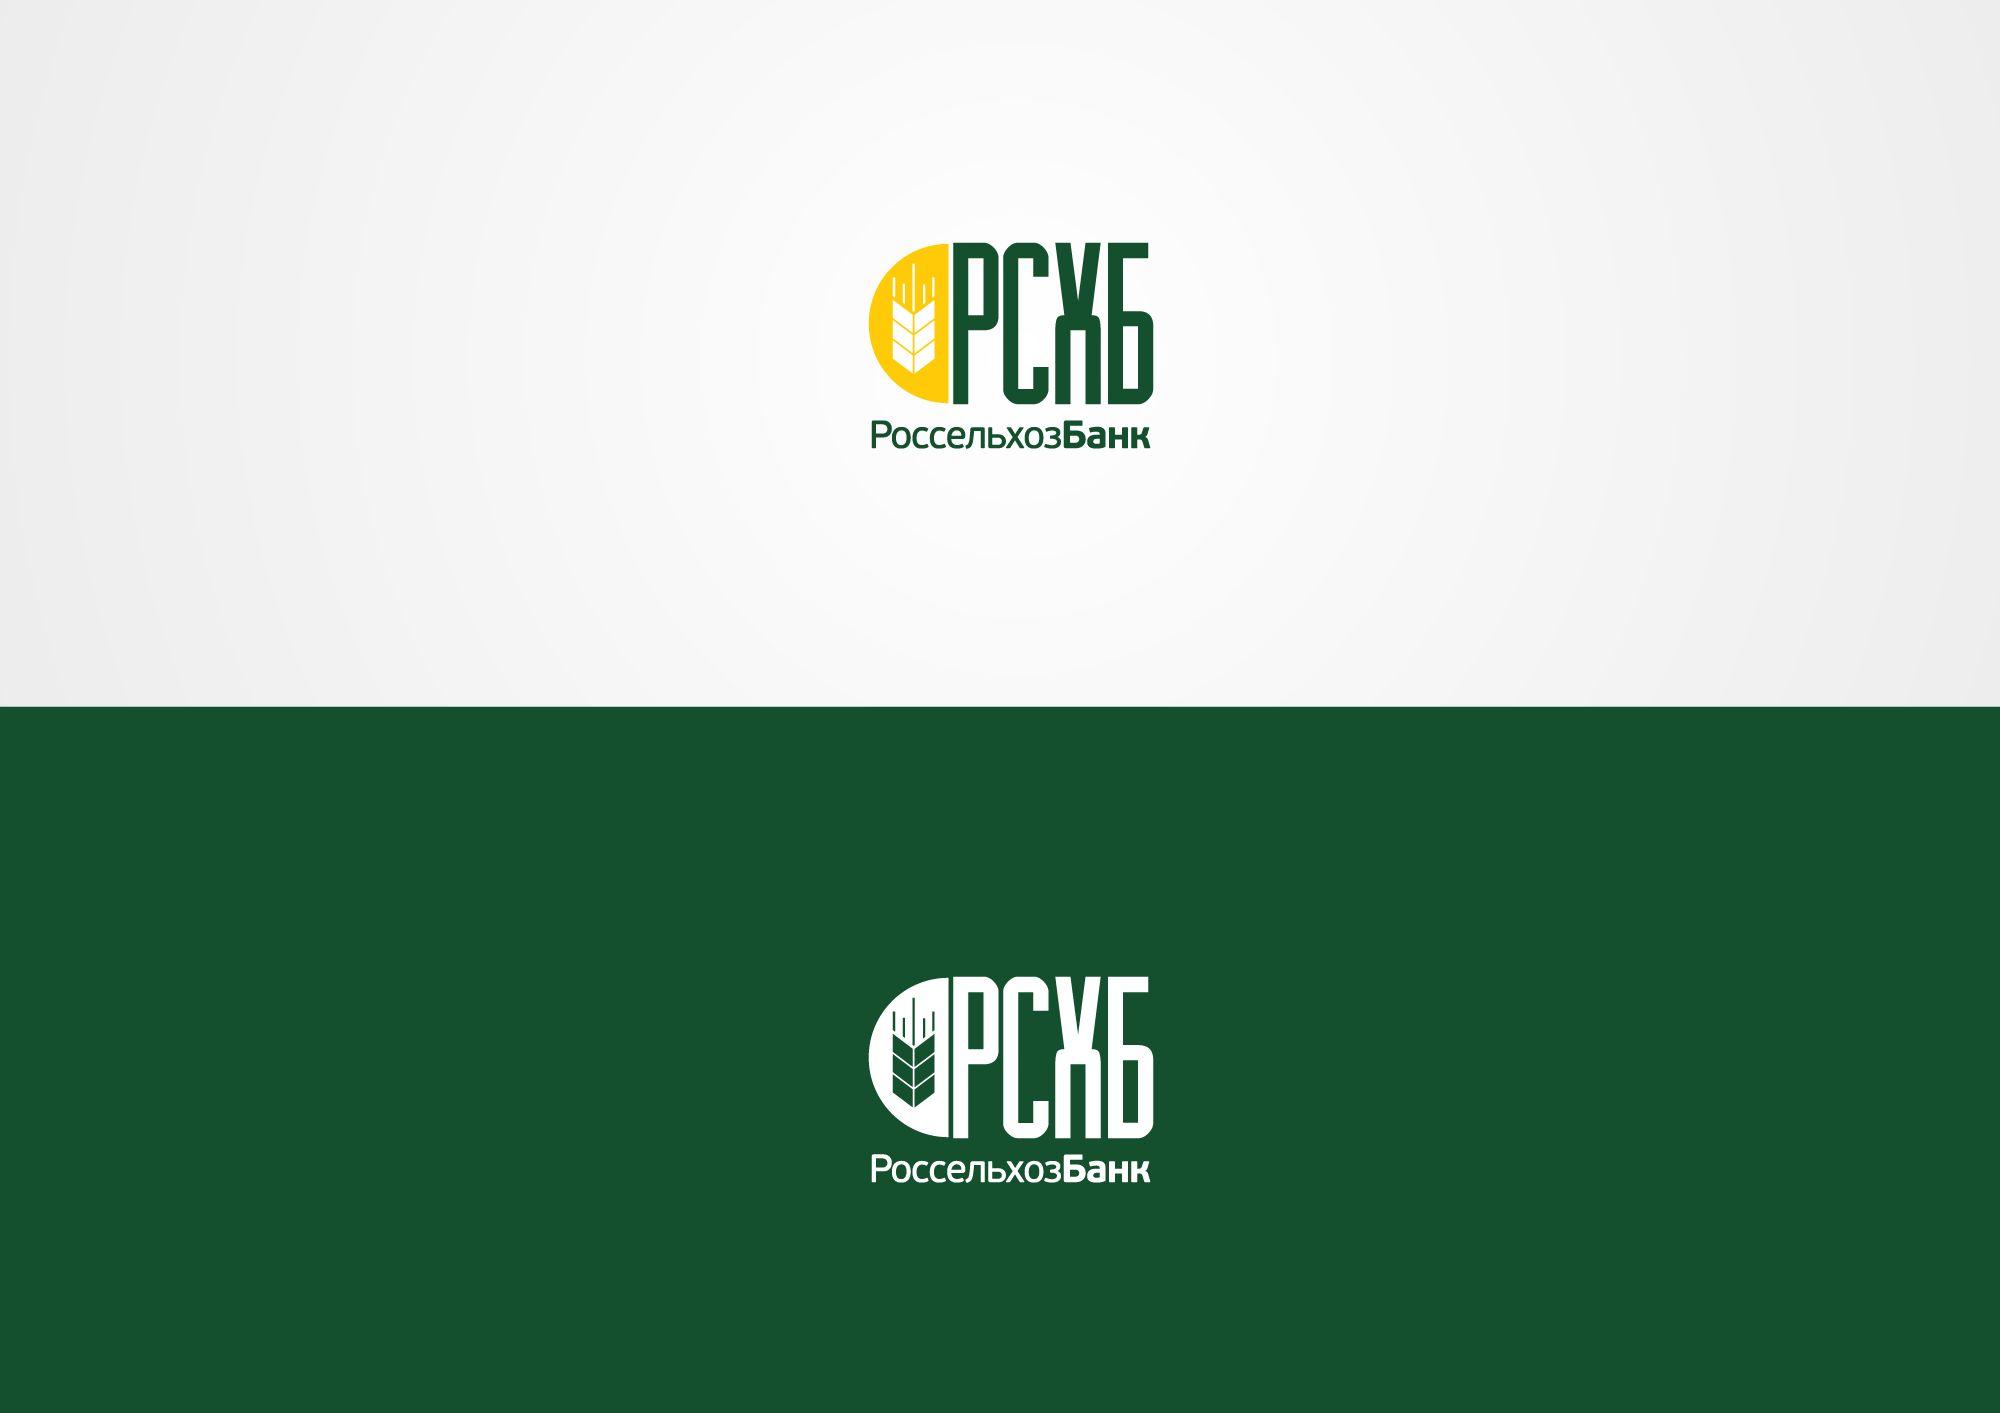 Логотип для Россельхозбанка - дизайнер Alphir